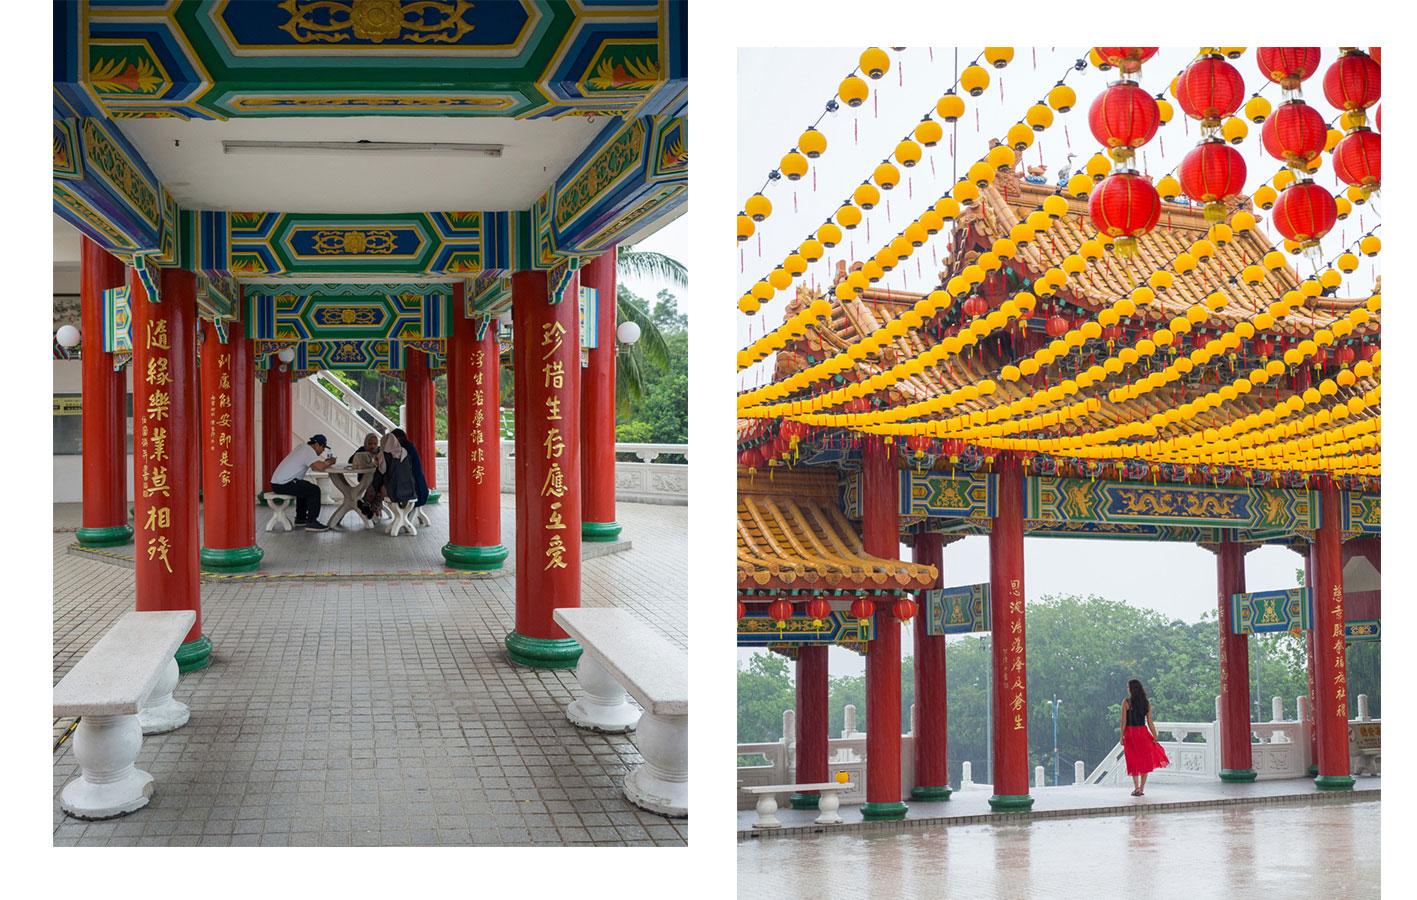 kuala lumpur malaysien thean hou temple 7 - Highlights für einen Stopover in Kuala Lumpur – Was ihr in 24 Stunden unbedingt sehen müsst